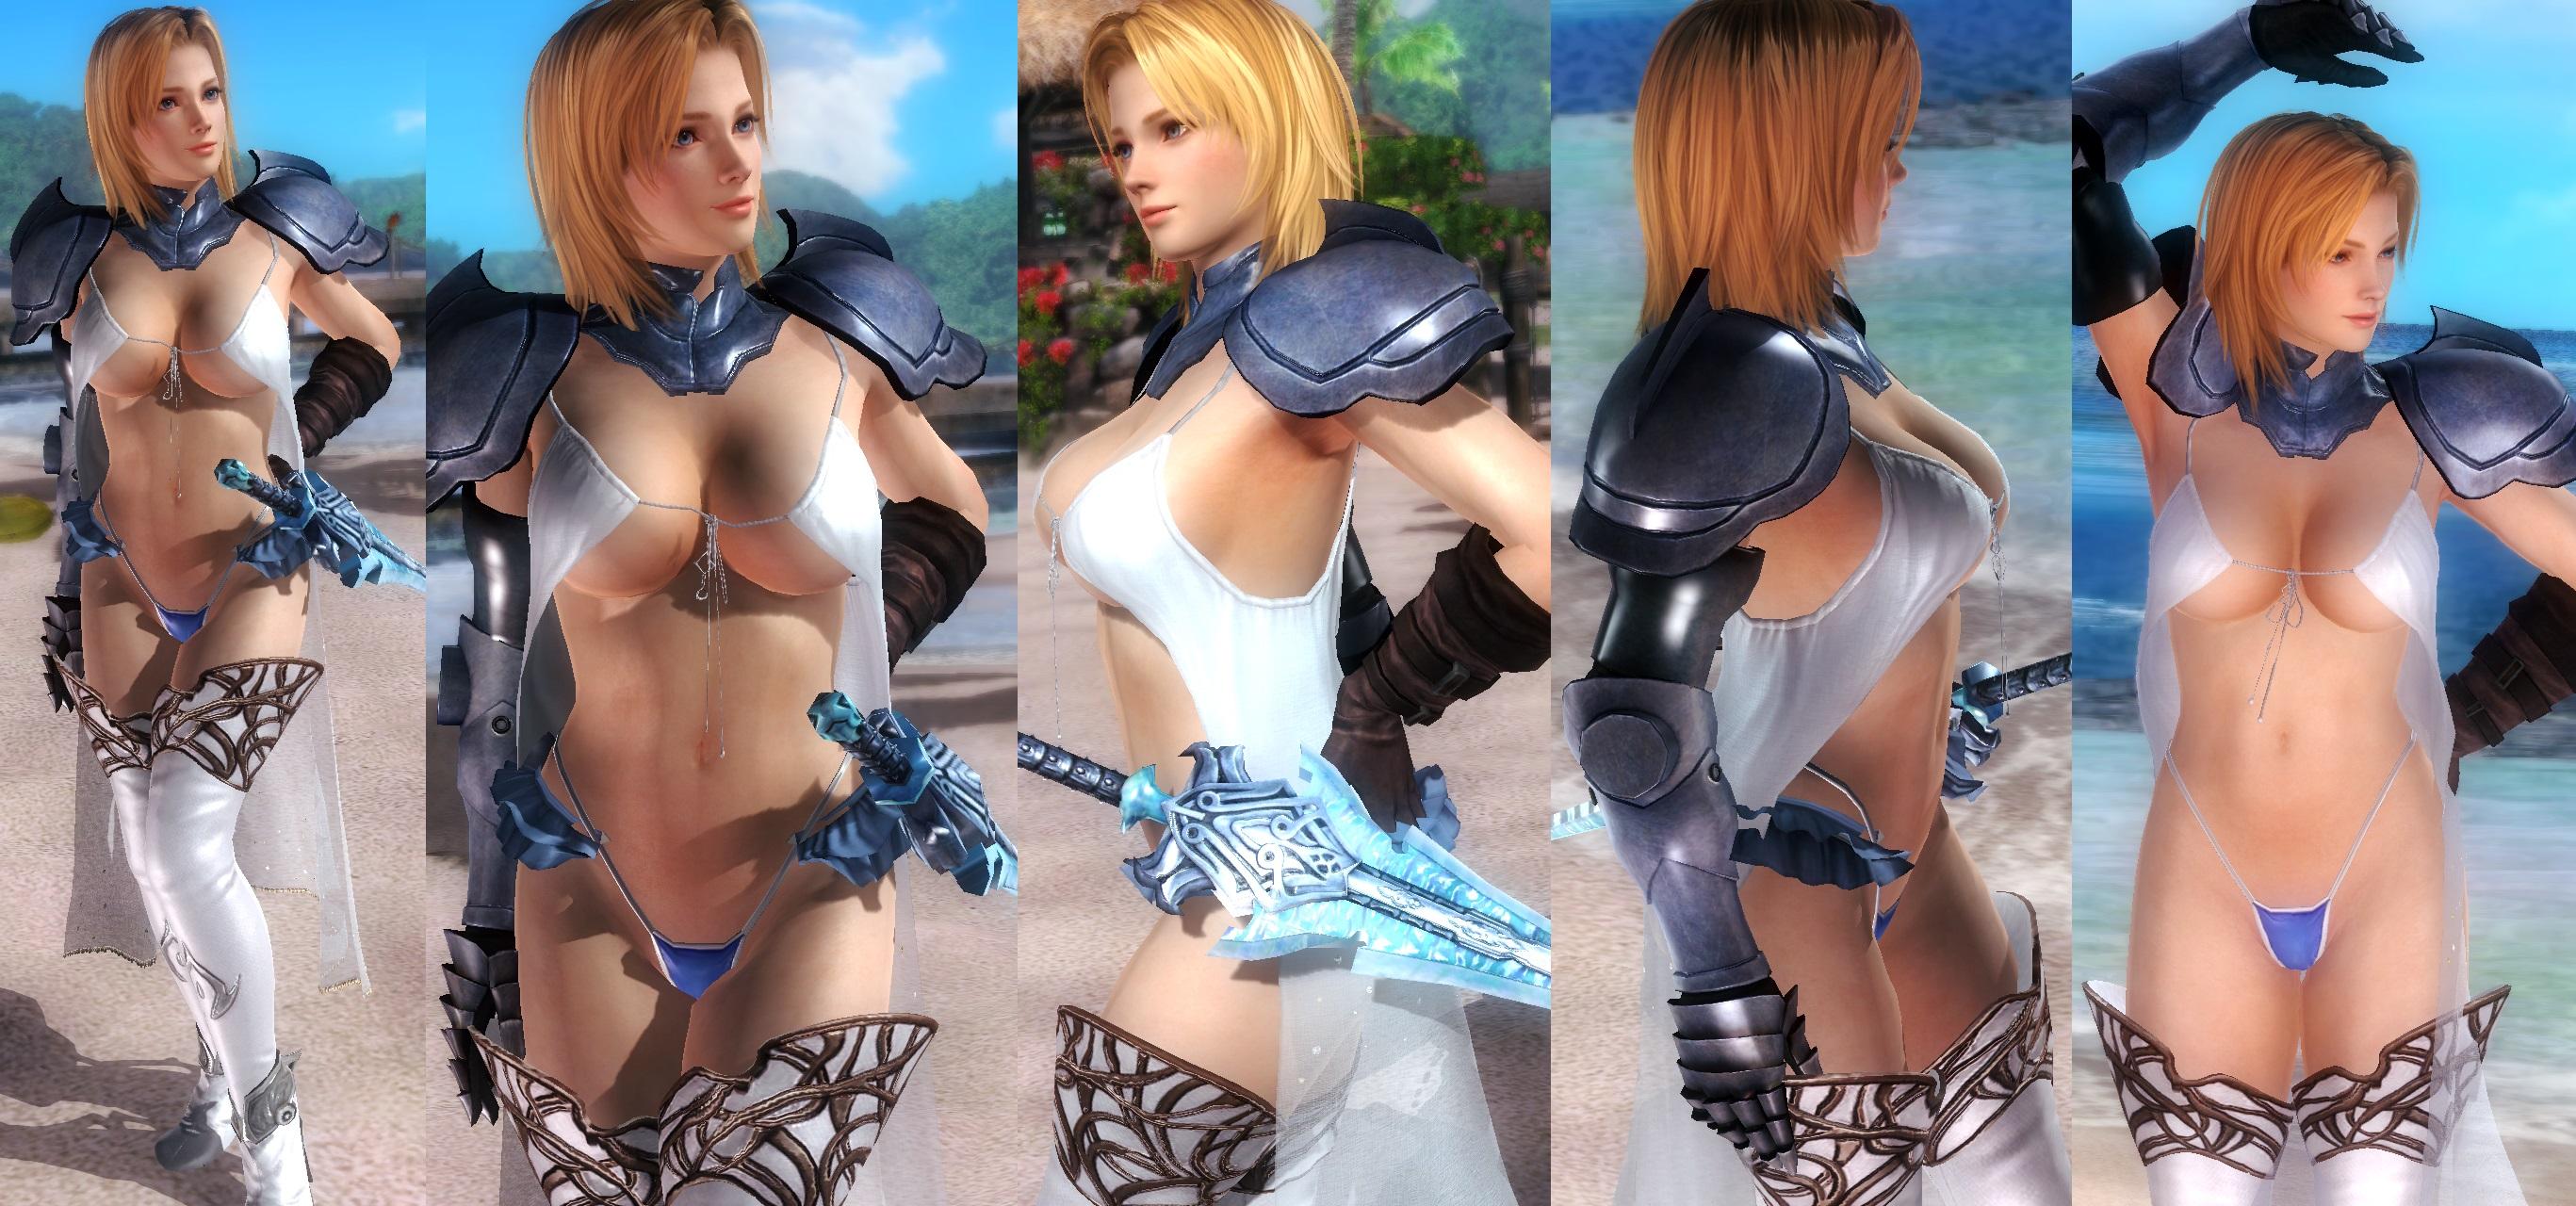 Tina Bikini Armor by funnybunny666